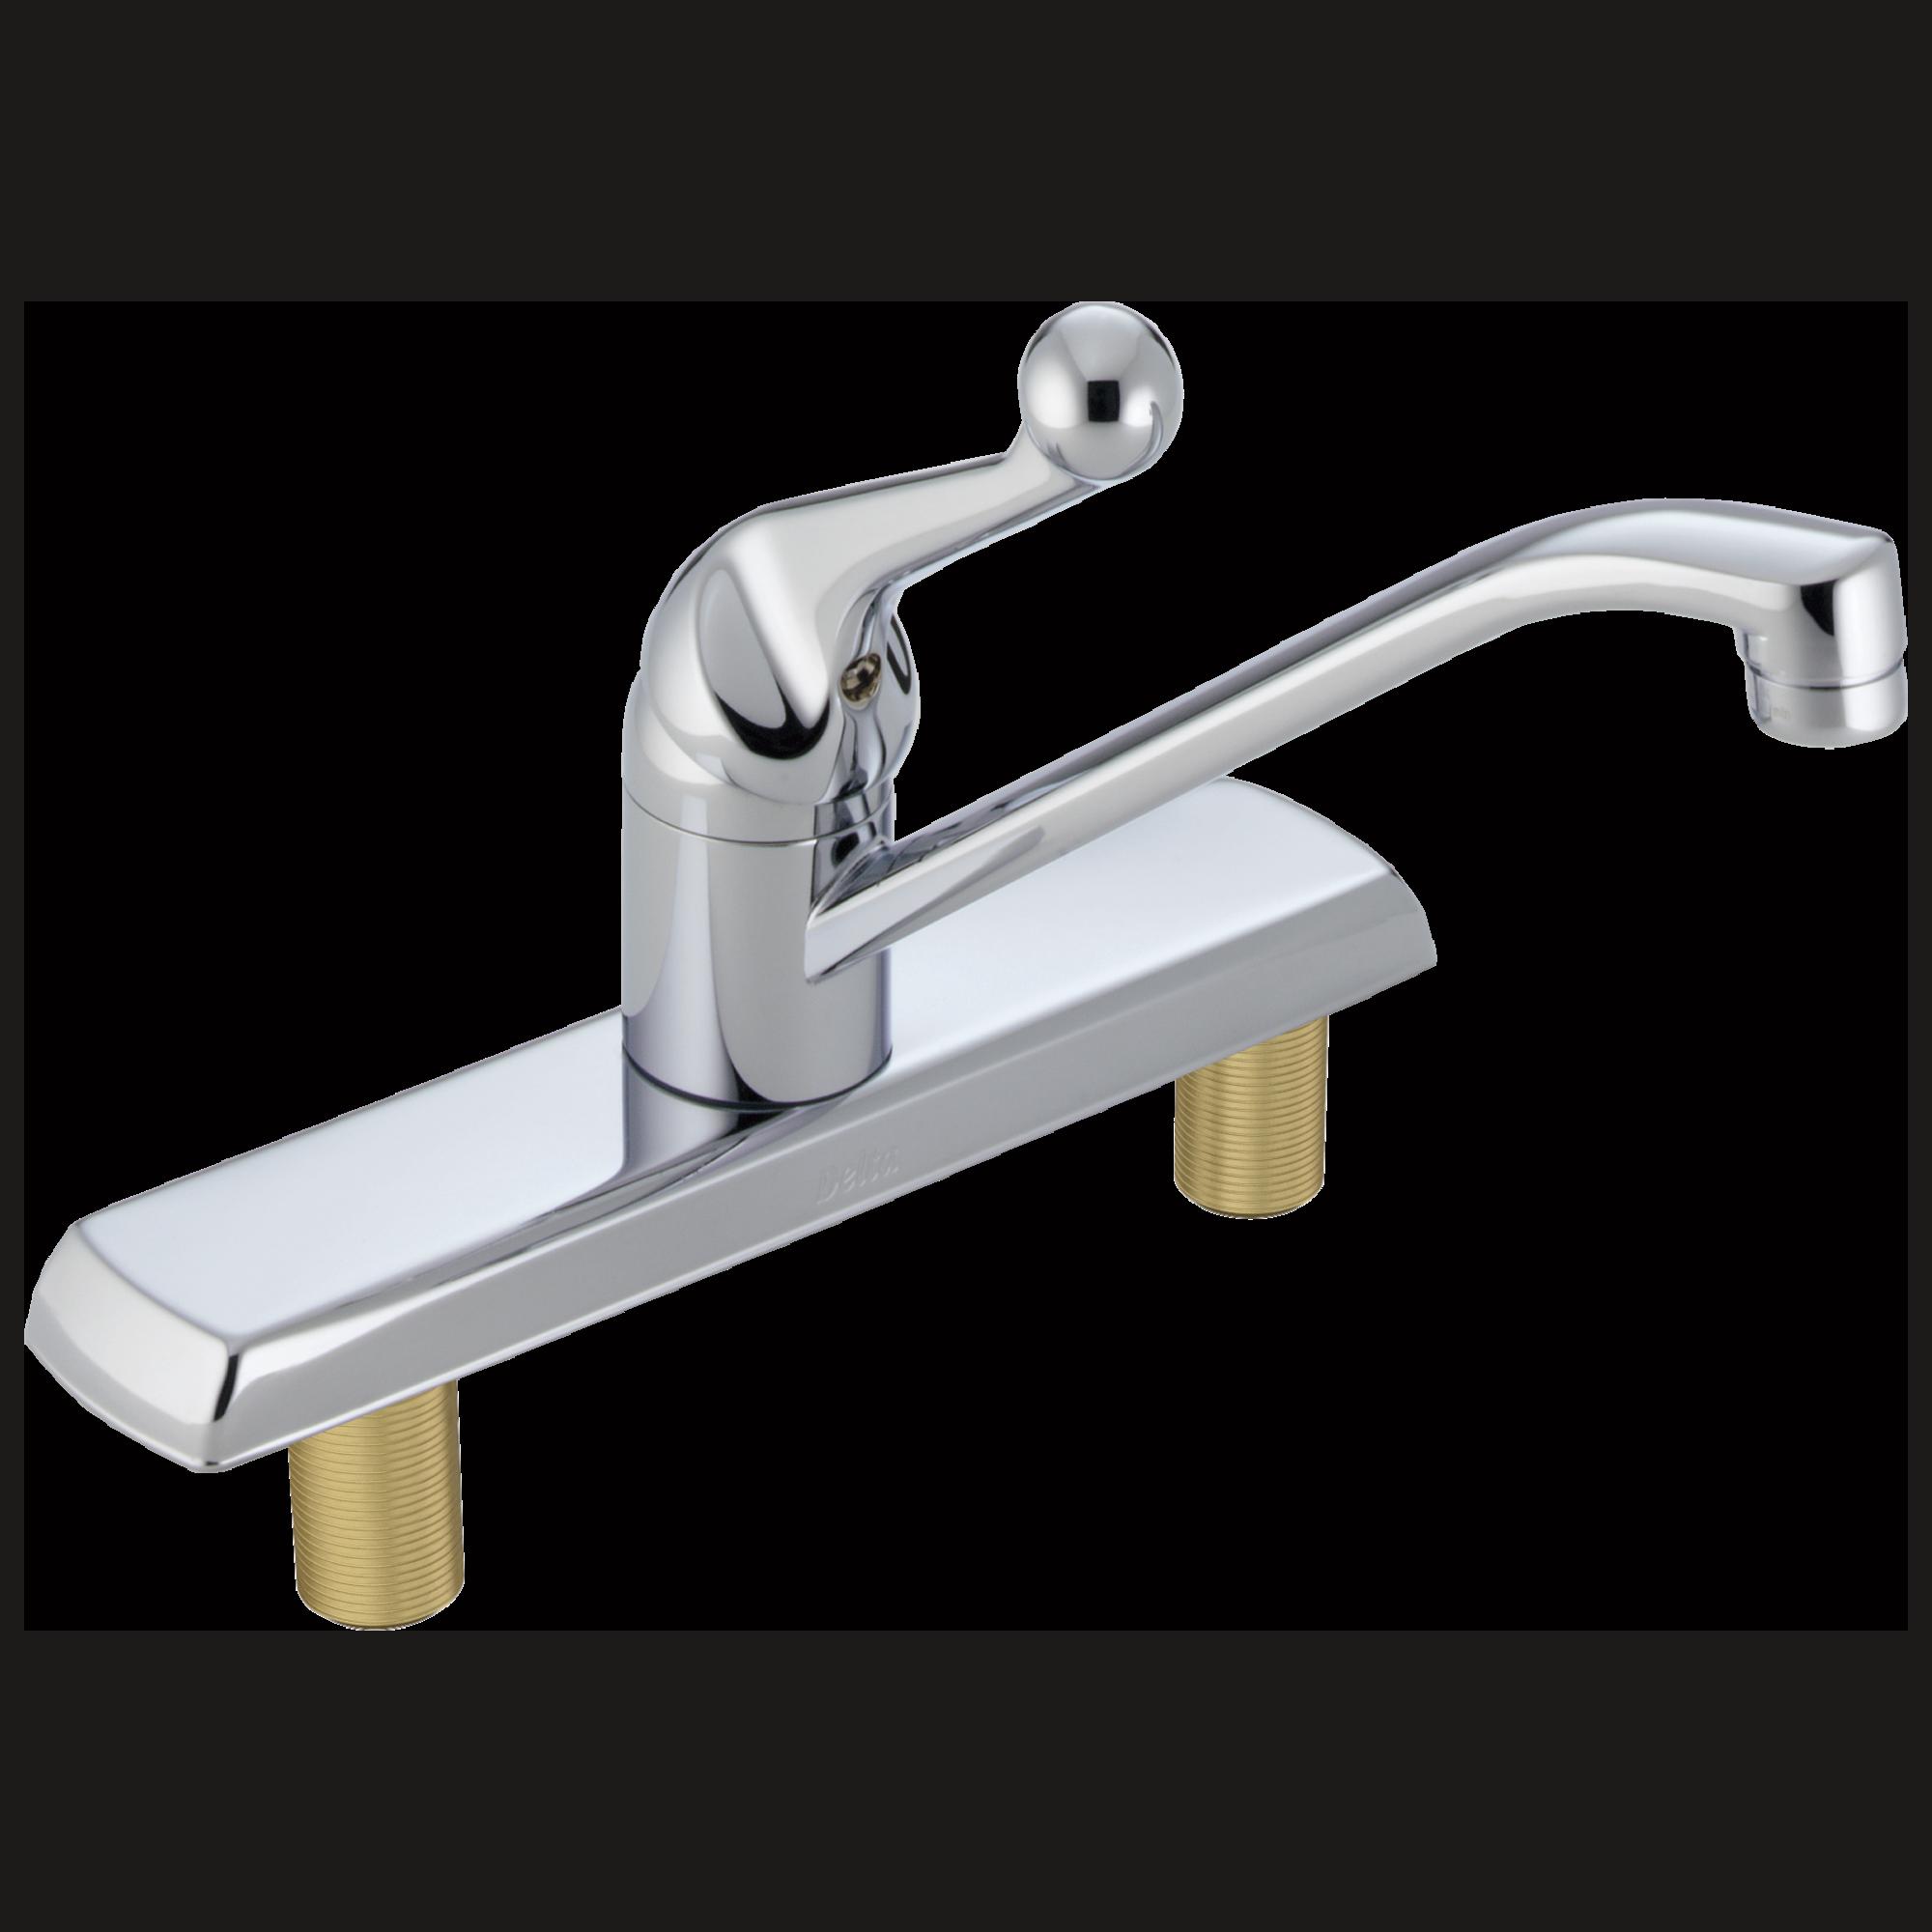 120lf single handle kitchen faucet